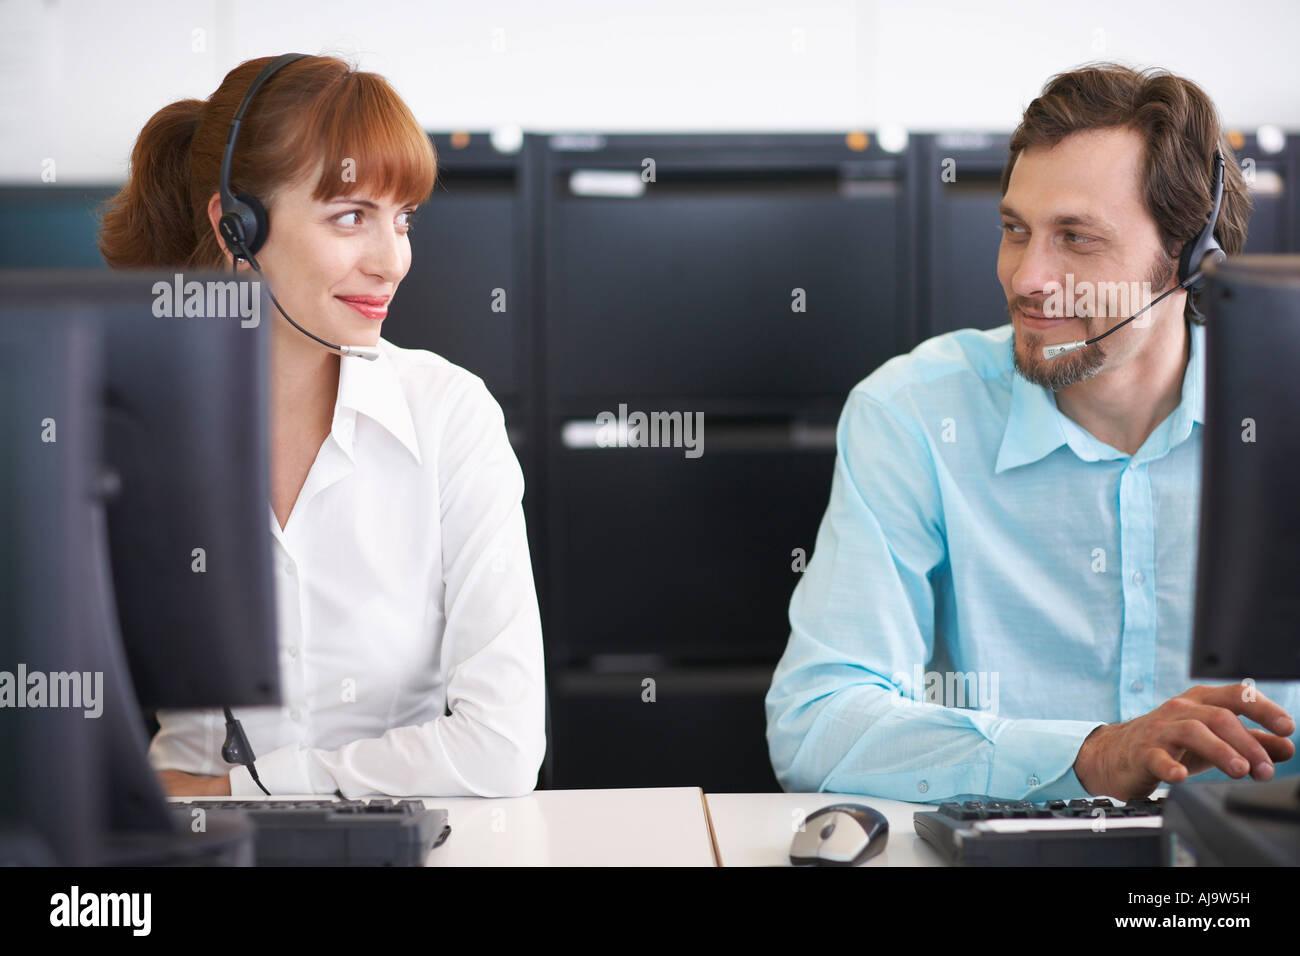 Les personnes qui travaillent sur des ordinateurs avec casques Banque D'Images